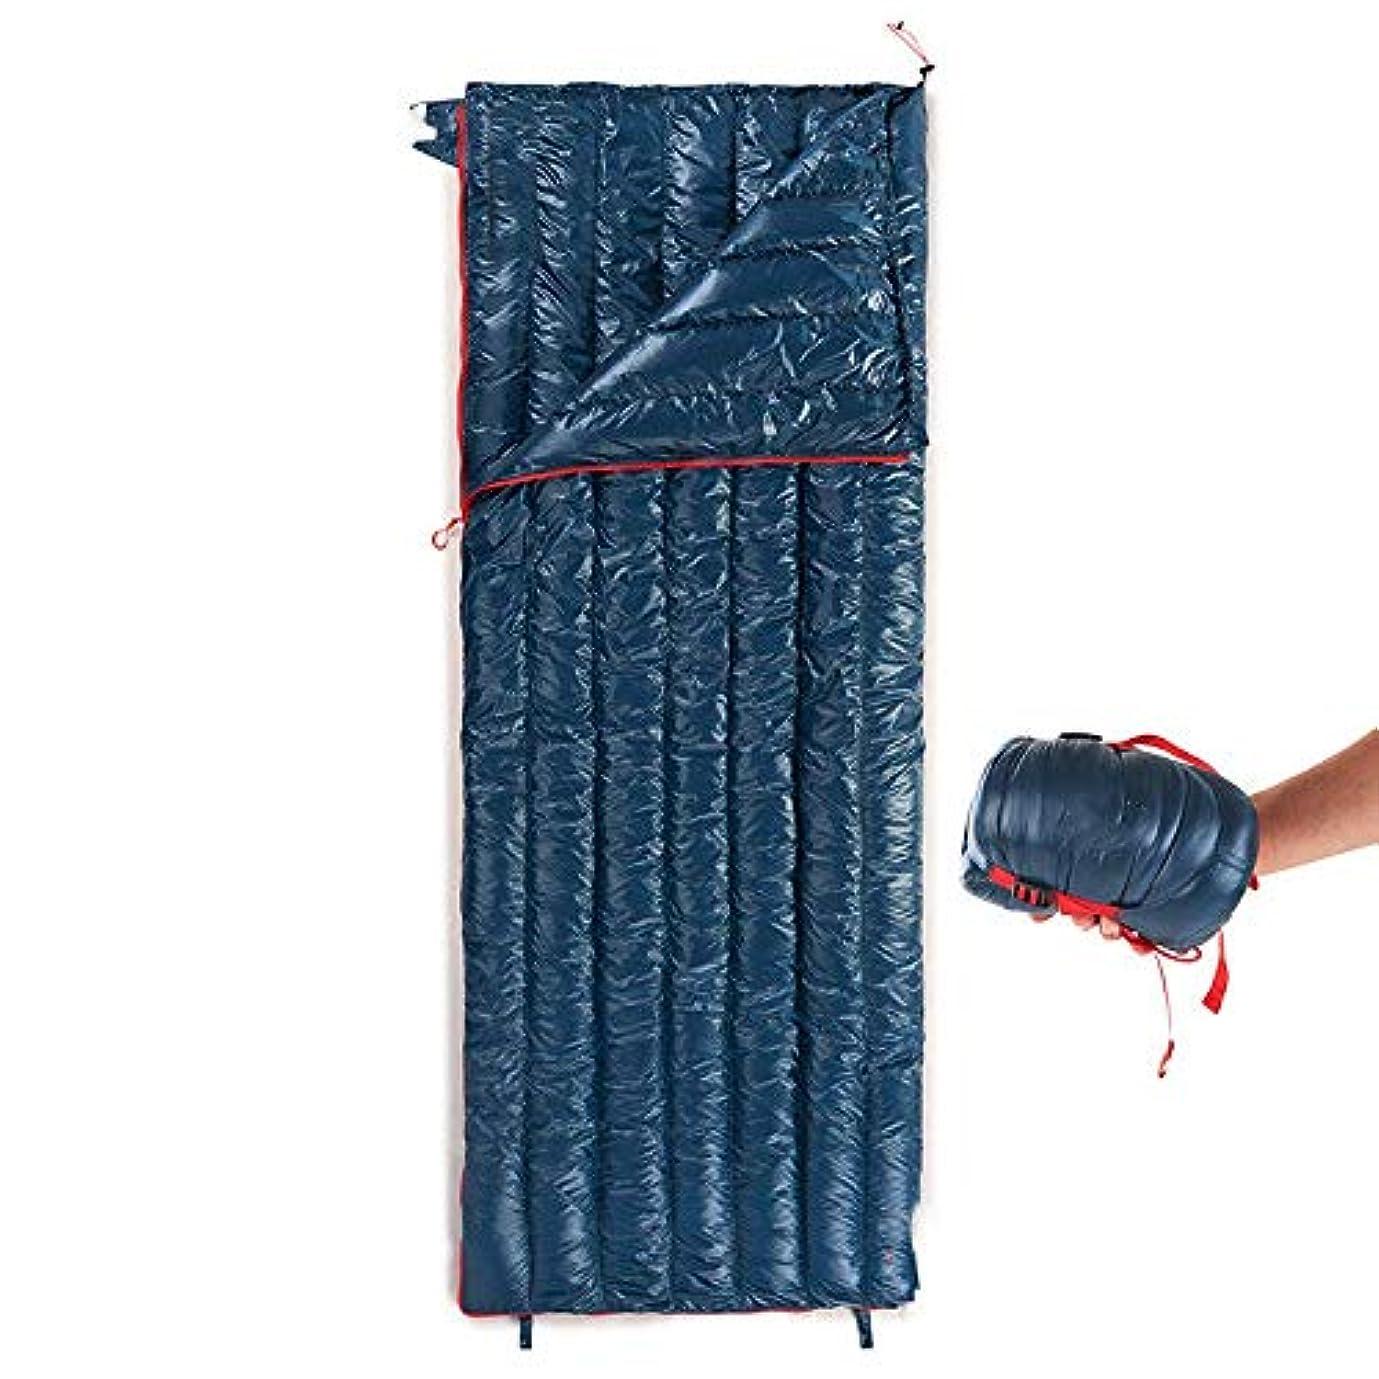 封筒暖かい寝袋屋外キャンプハイキング超軽量コットン寝袋